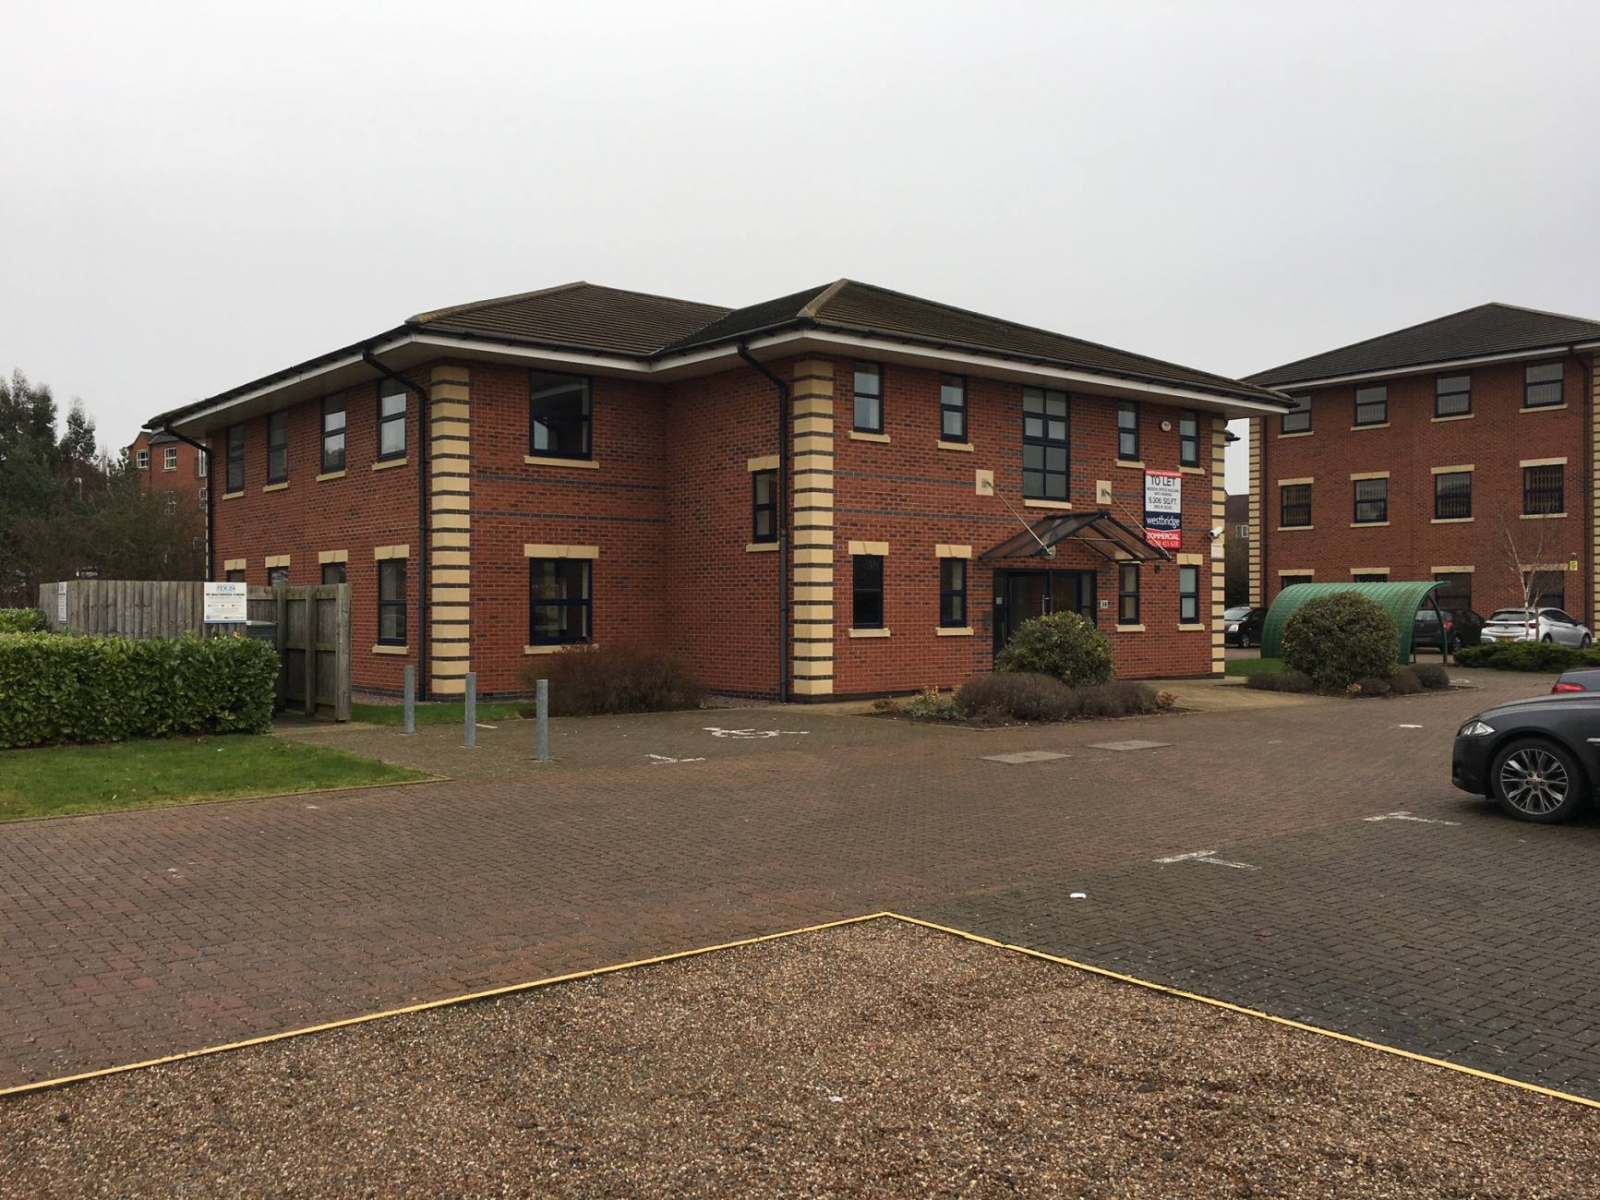 38 Cygnet Court Stratford Upon Avon